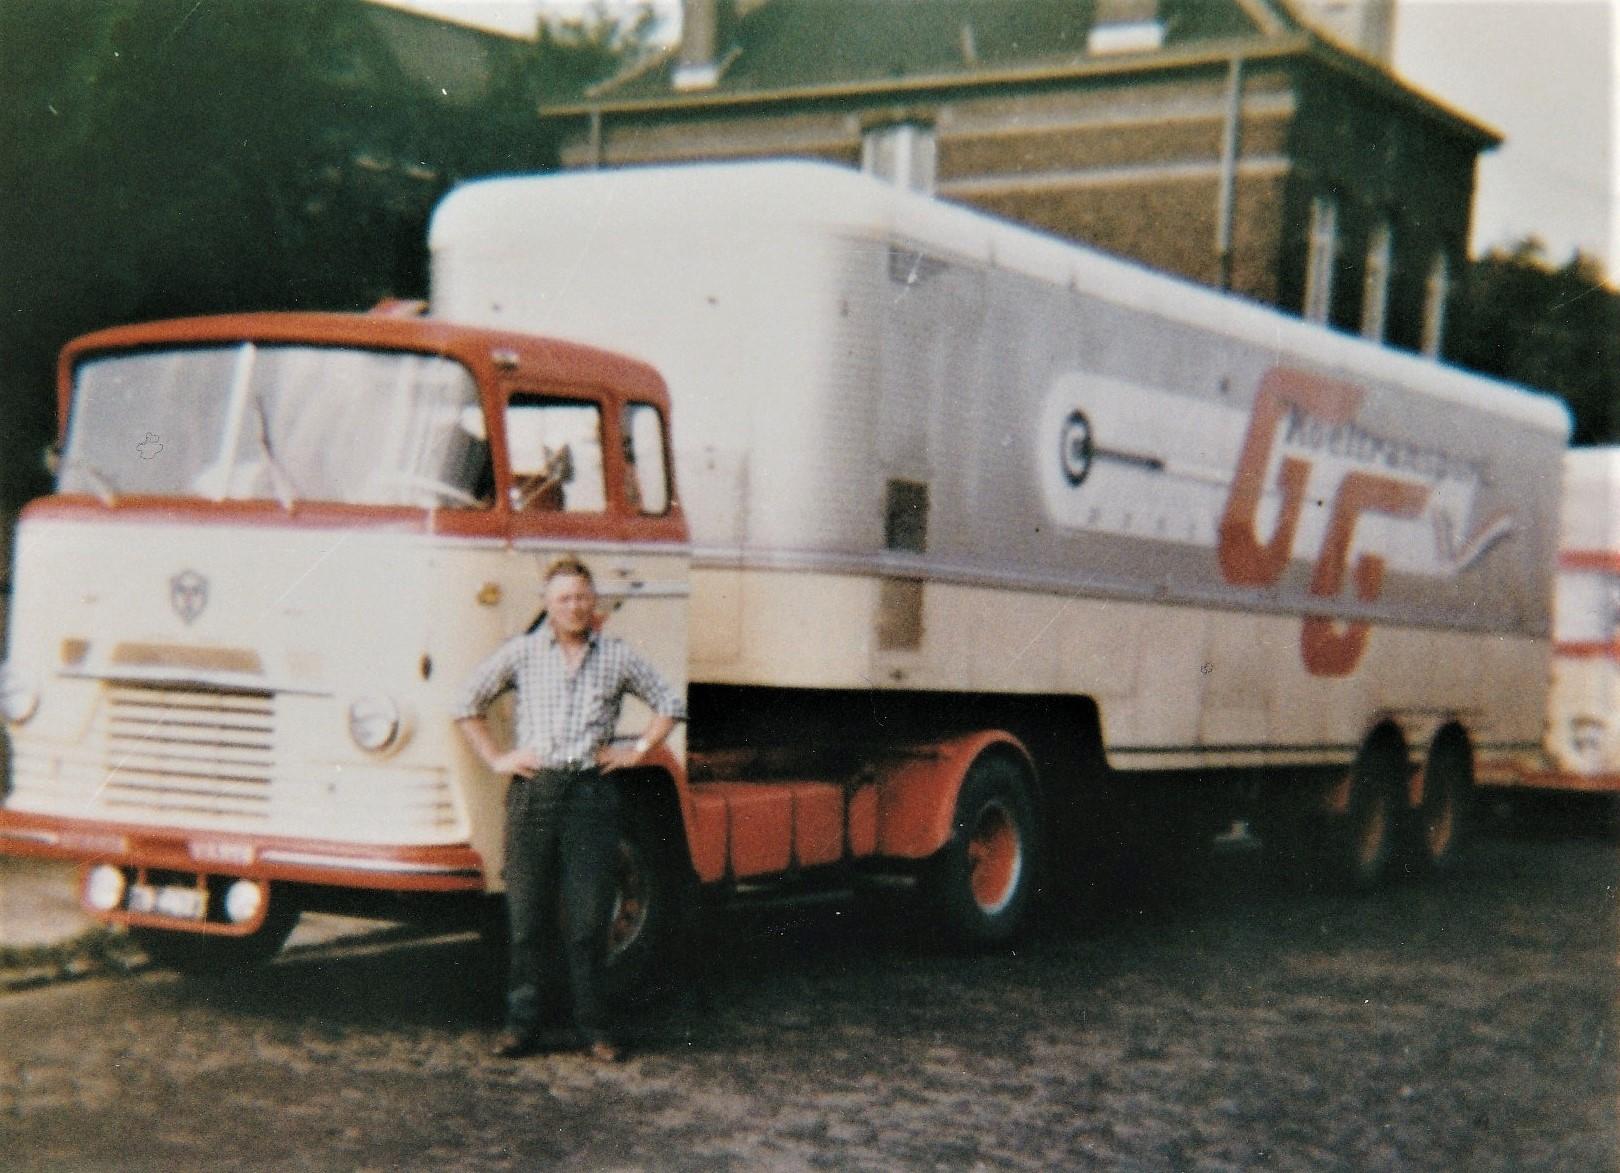 Scania-Vabis-LV-75-in-de-oude-huiskleur--chauffeur-Ben-van-Gorkem